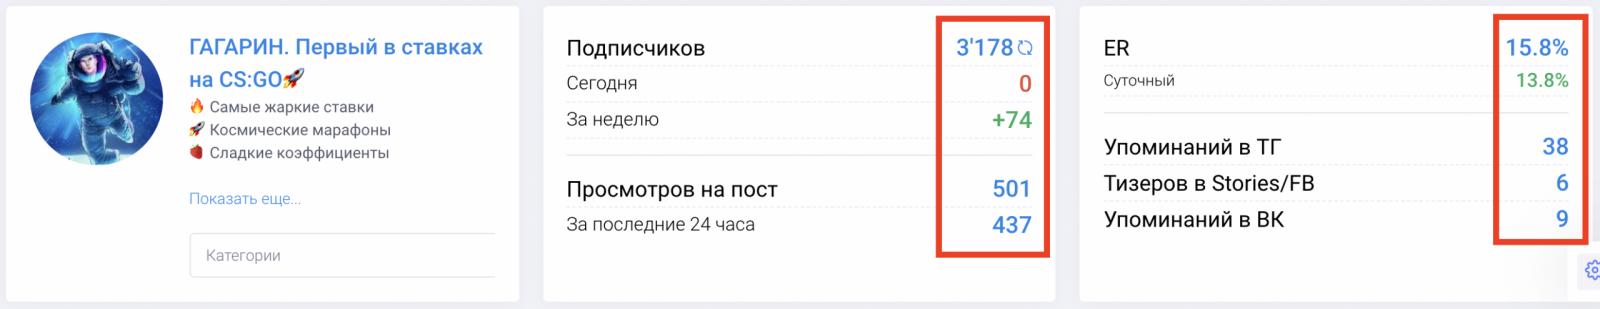 Статистика канала Гагарин